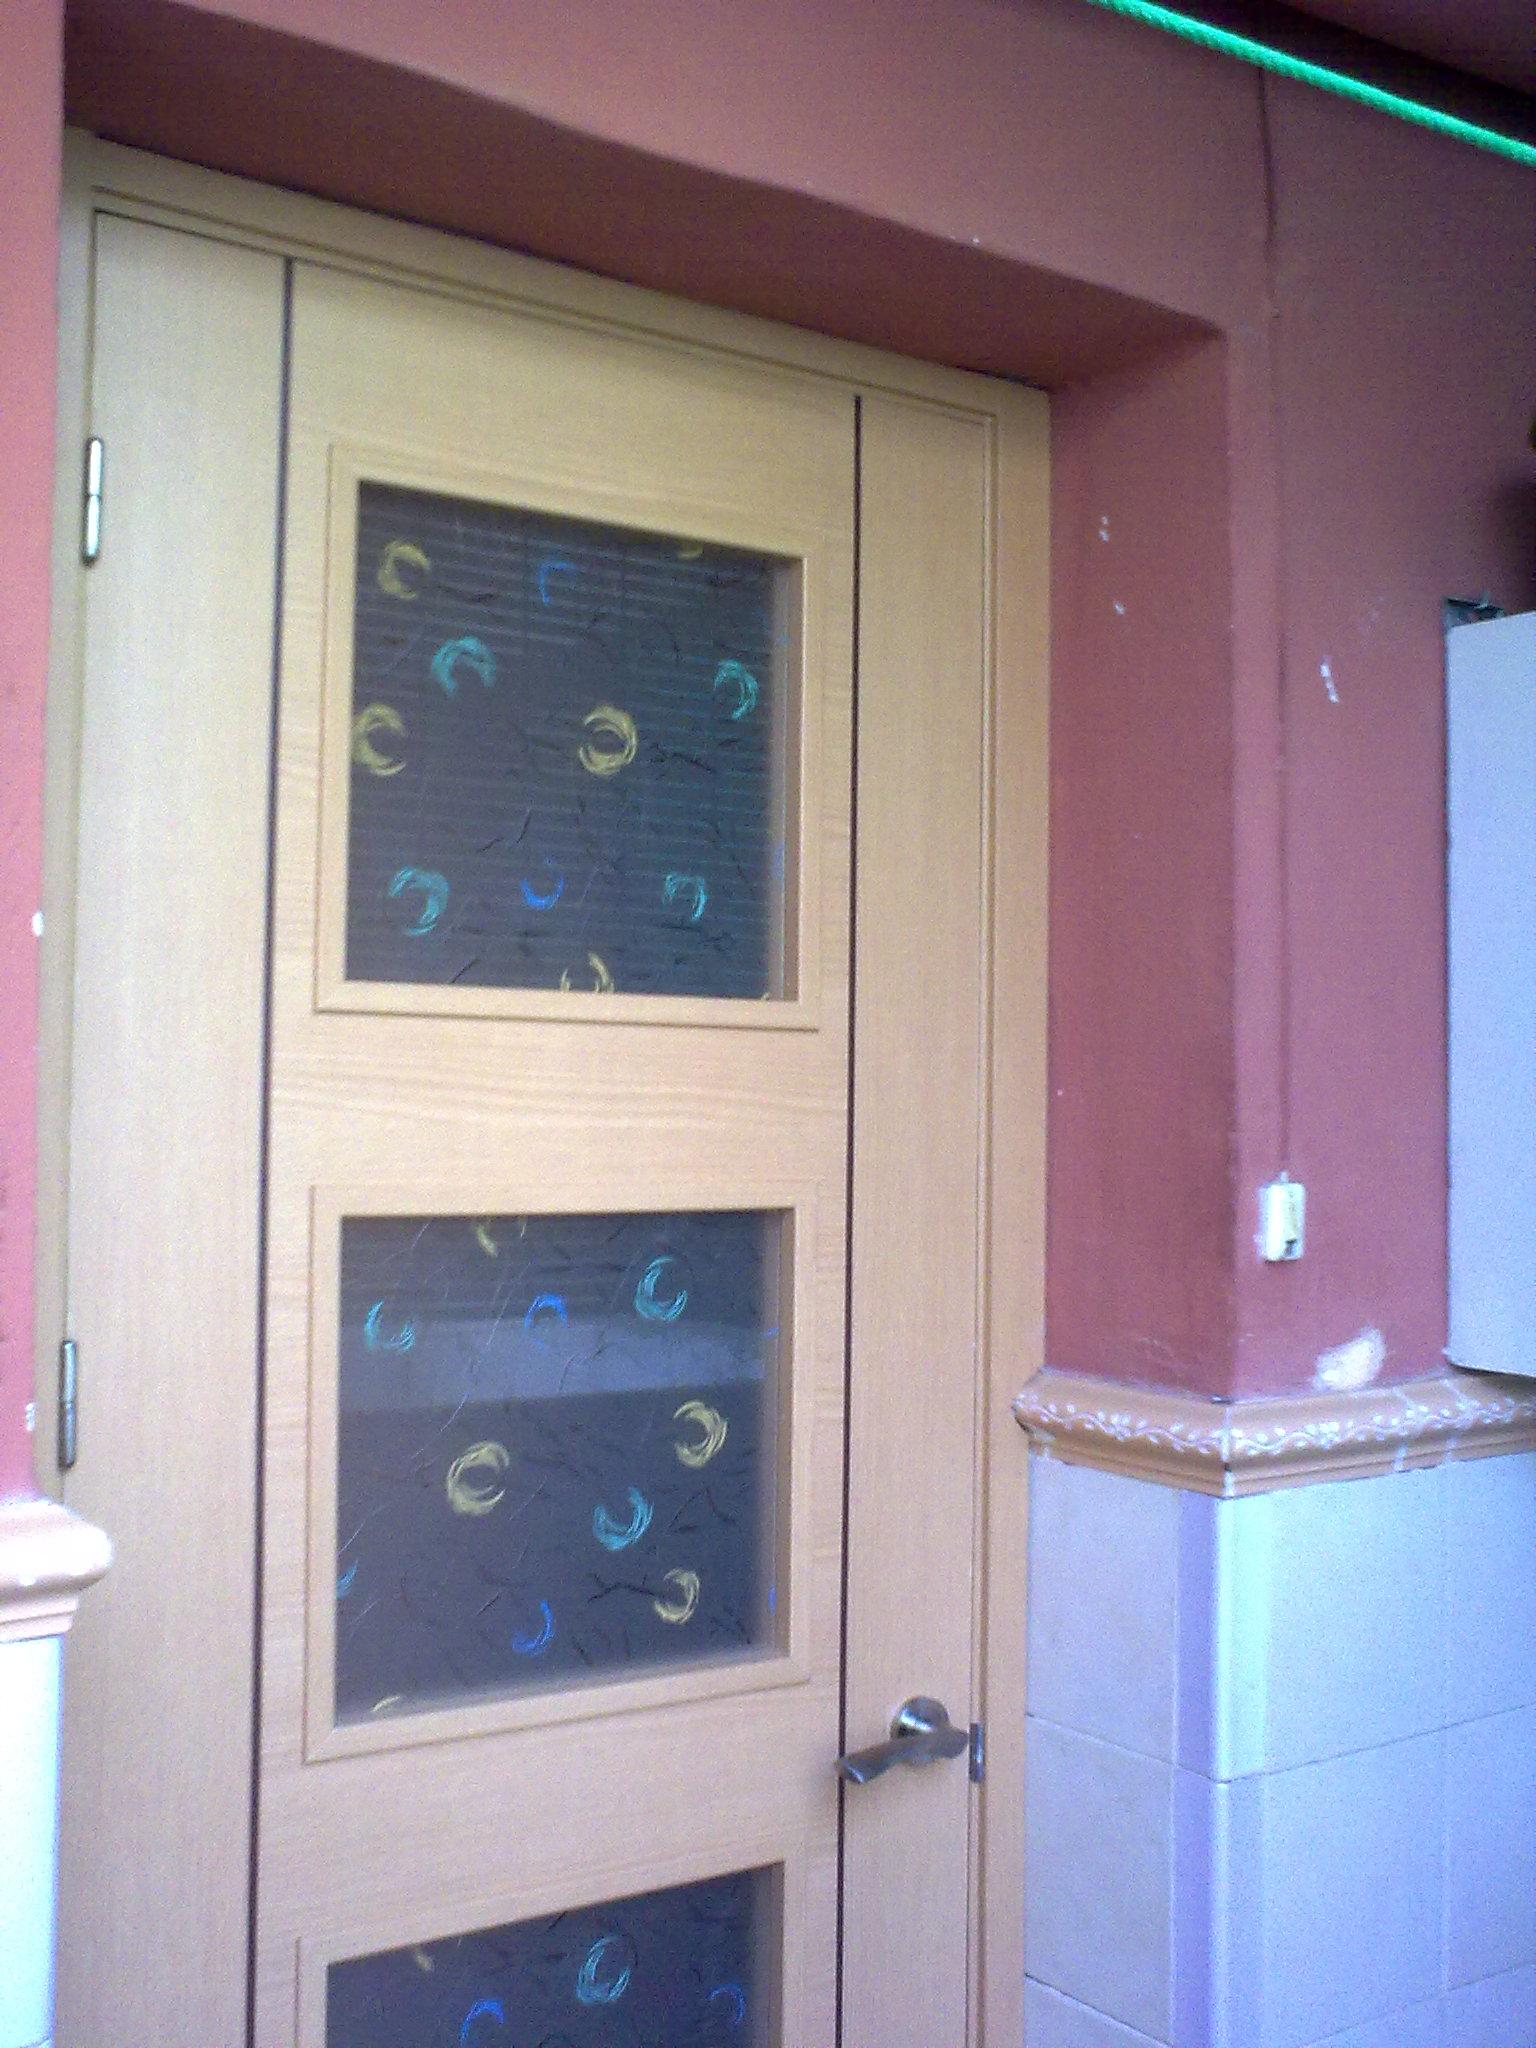 Puerta de haya melamina g2n puertas alberto cano for Puertas de melamina